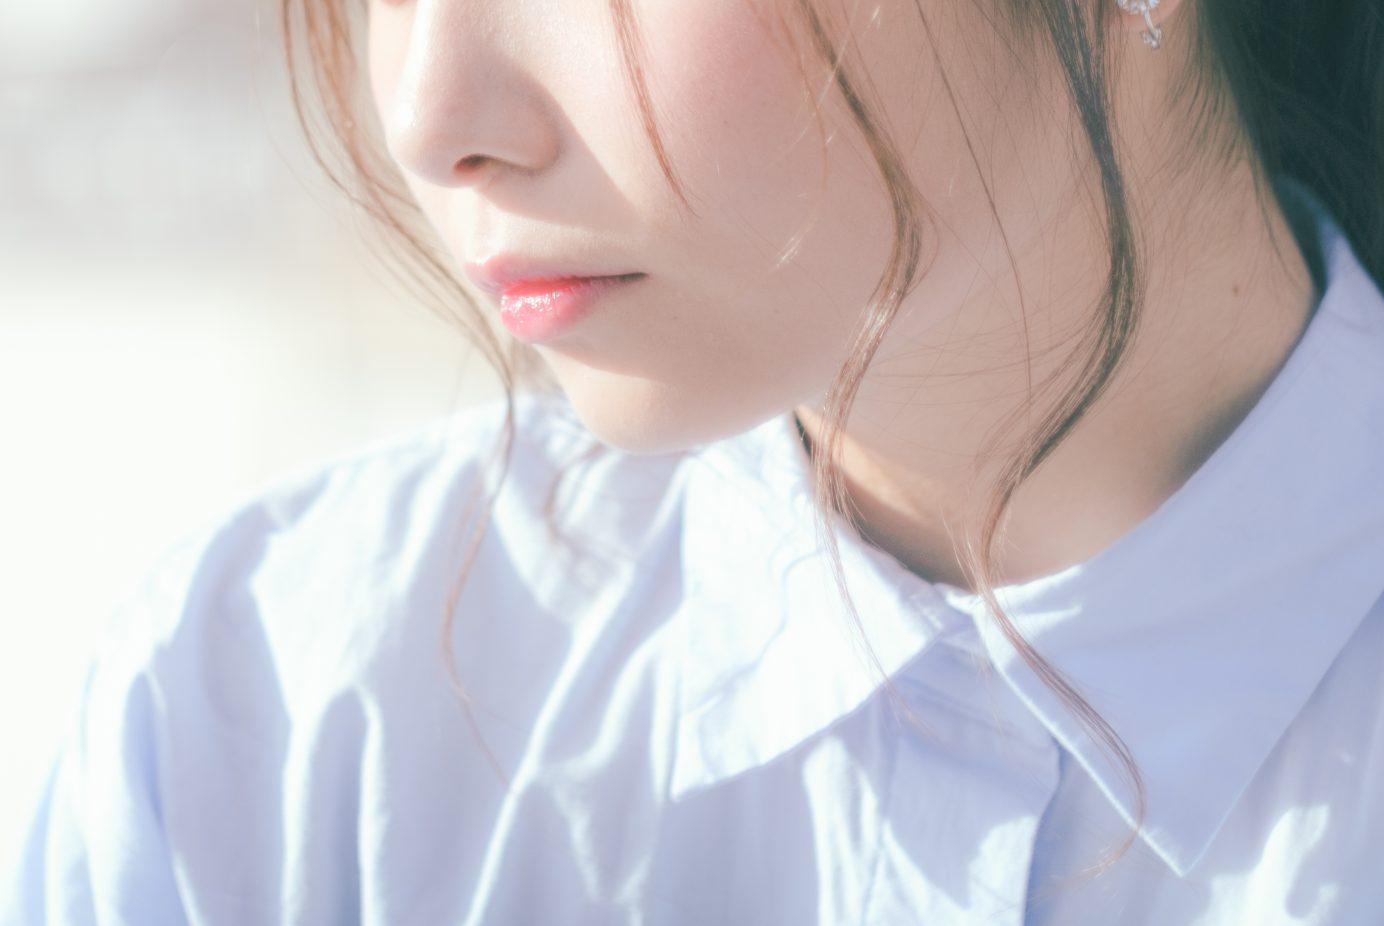 加班熬夜一樣水潤亮白 櫻花妹分享肌膚使用○○秘密